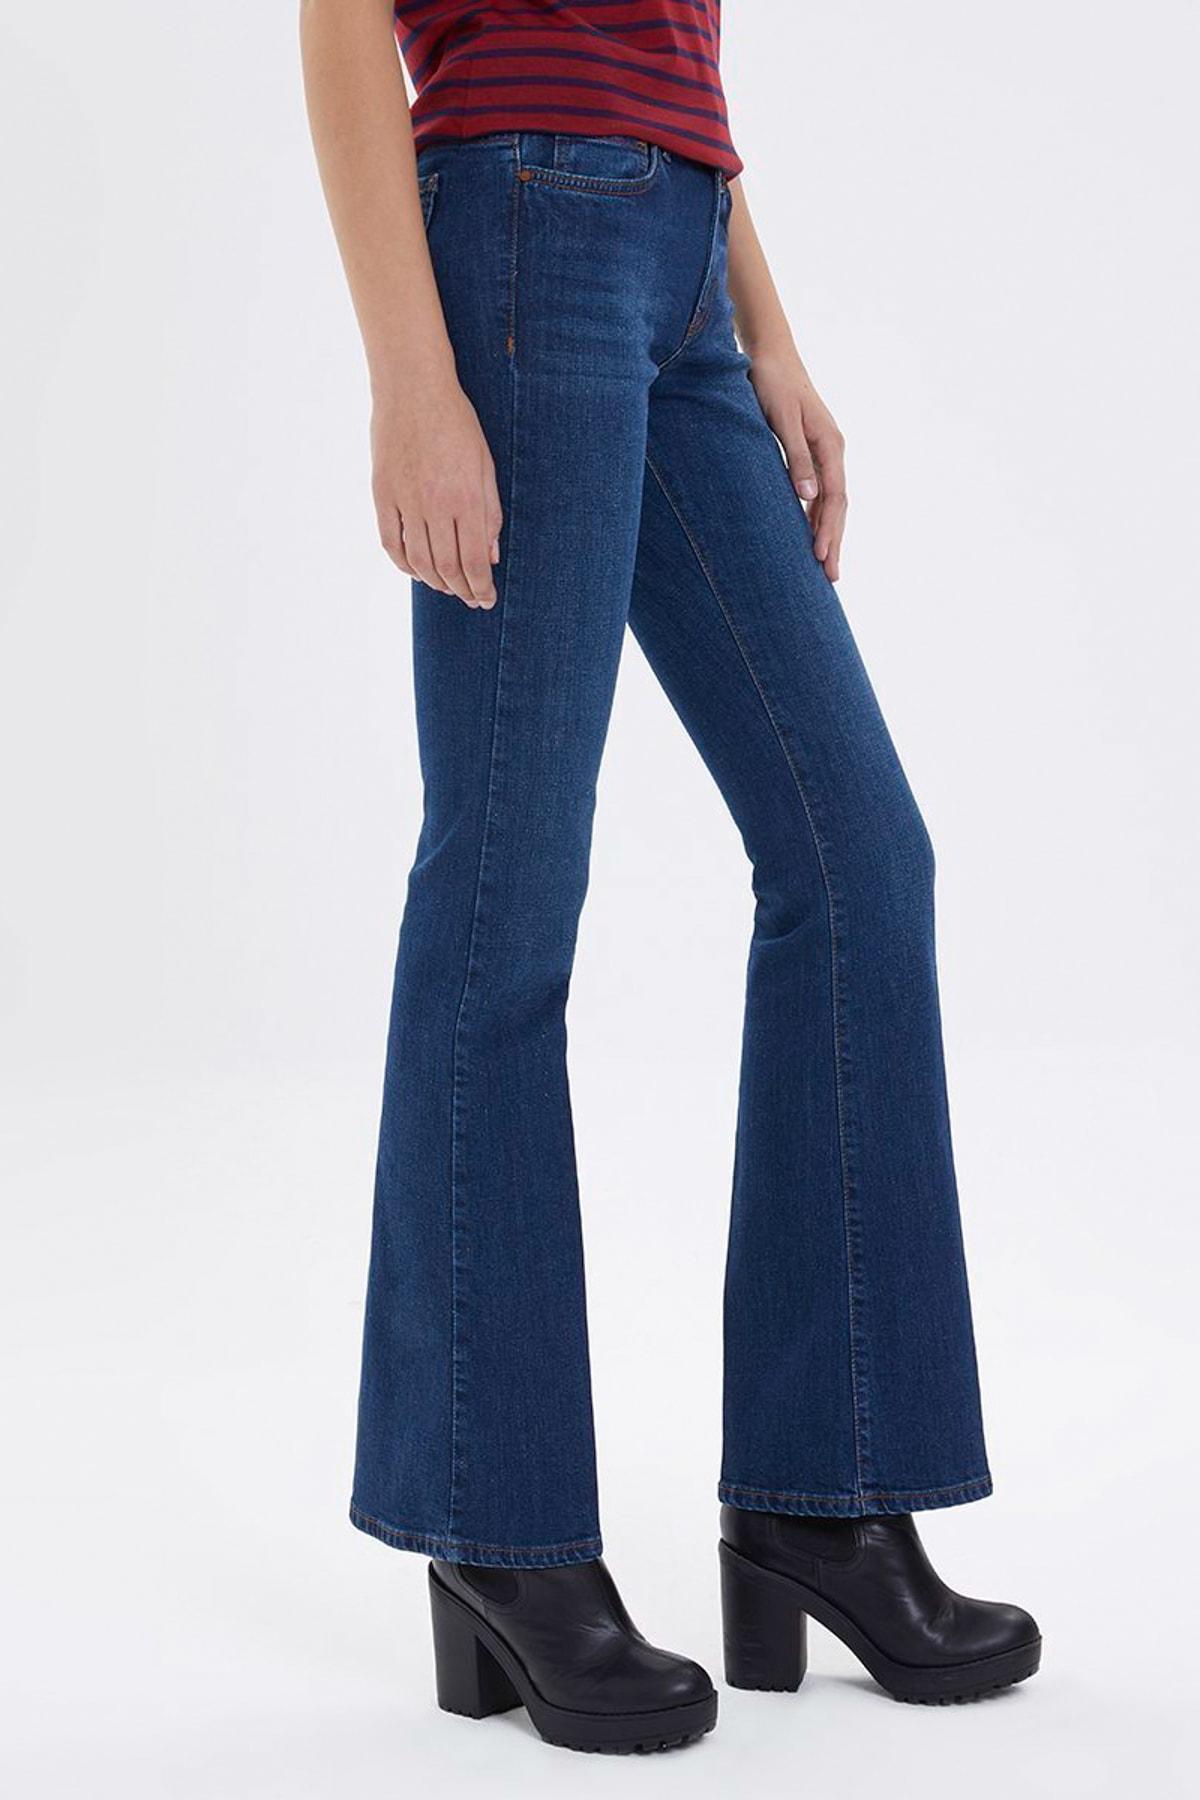 Loft Kadın Pantolon LF2022115 2